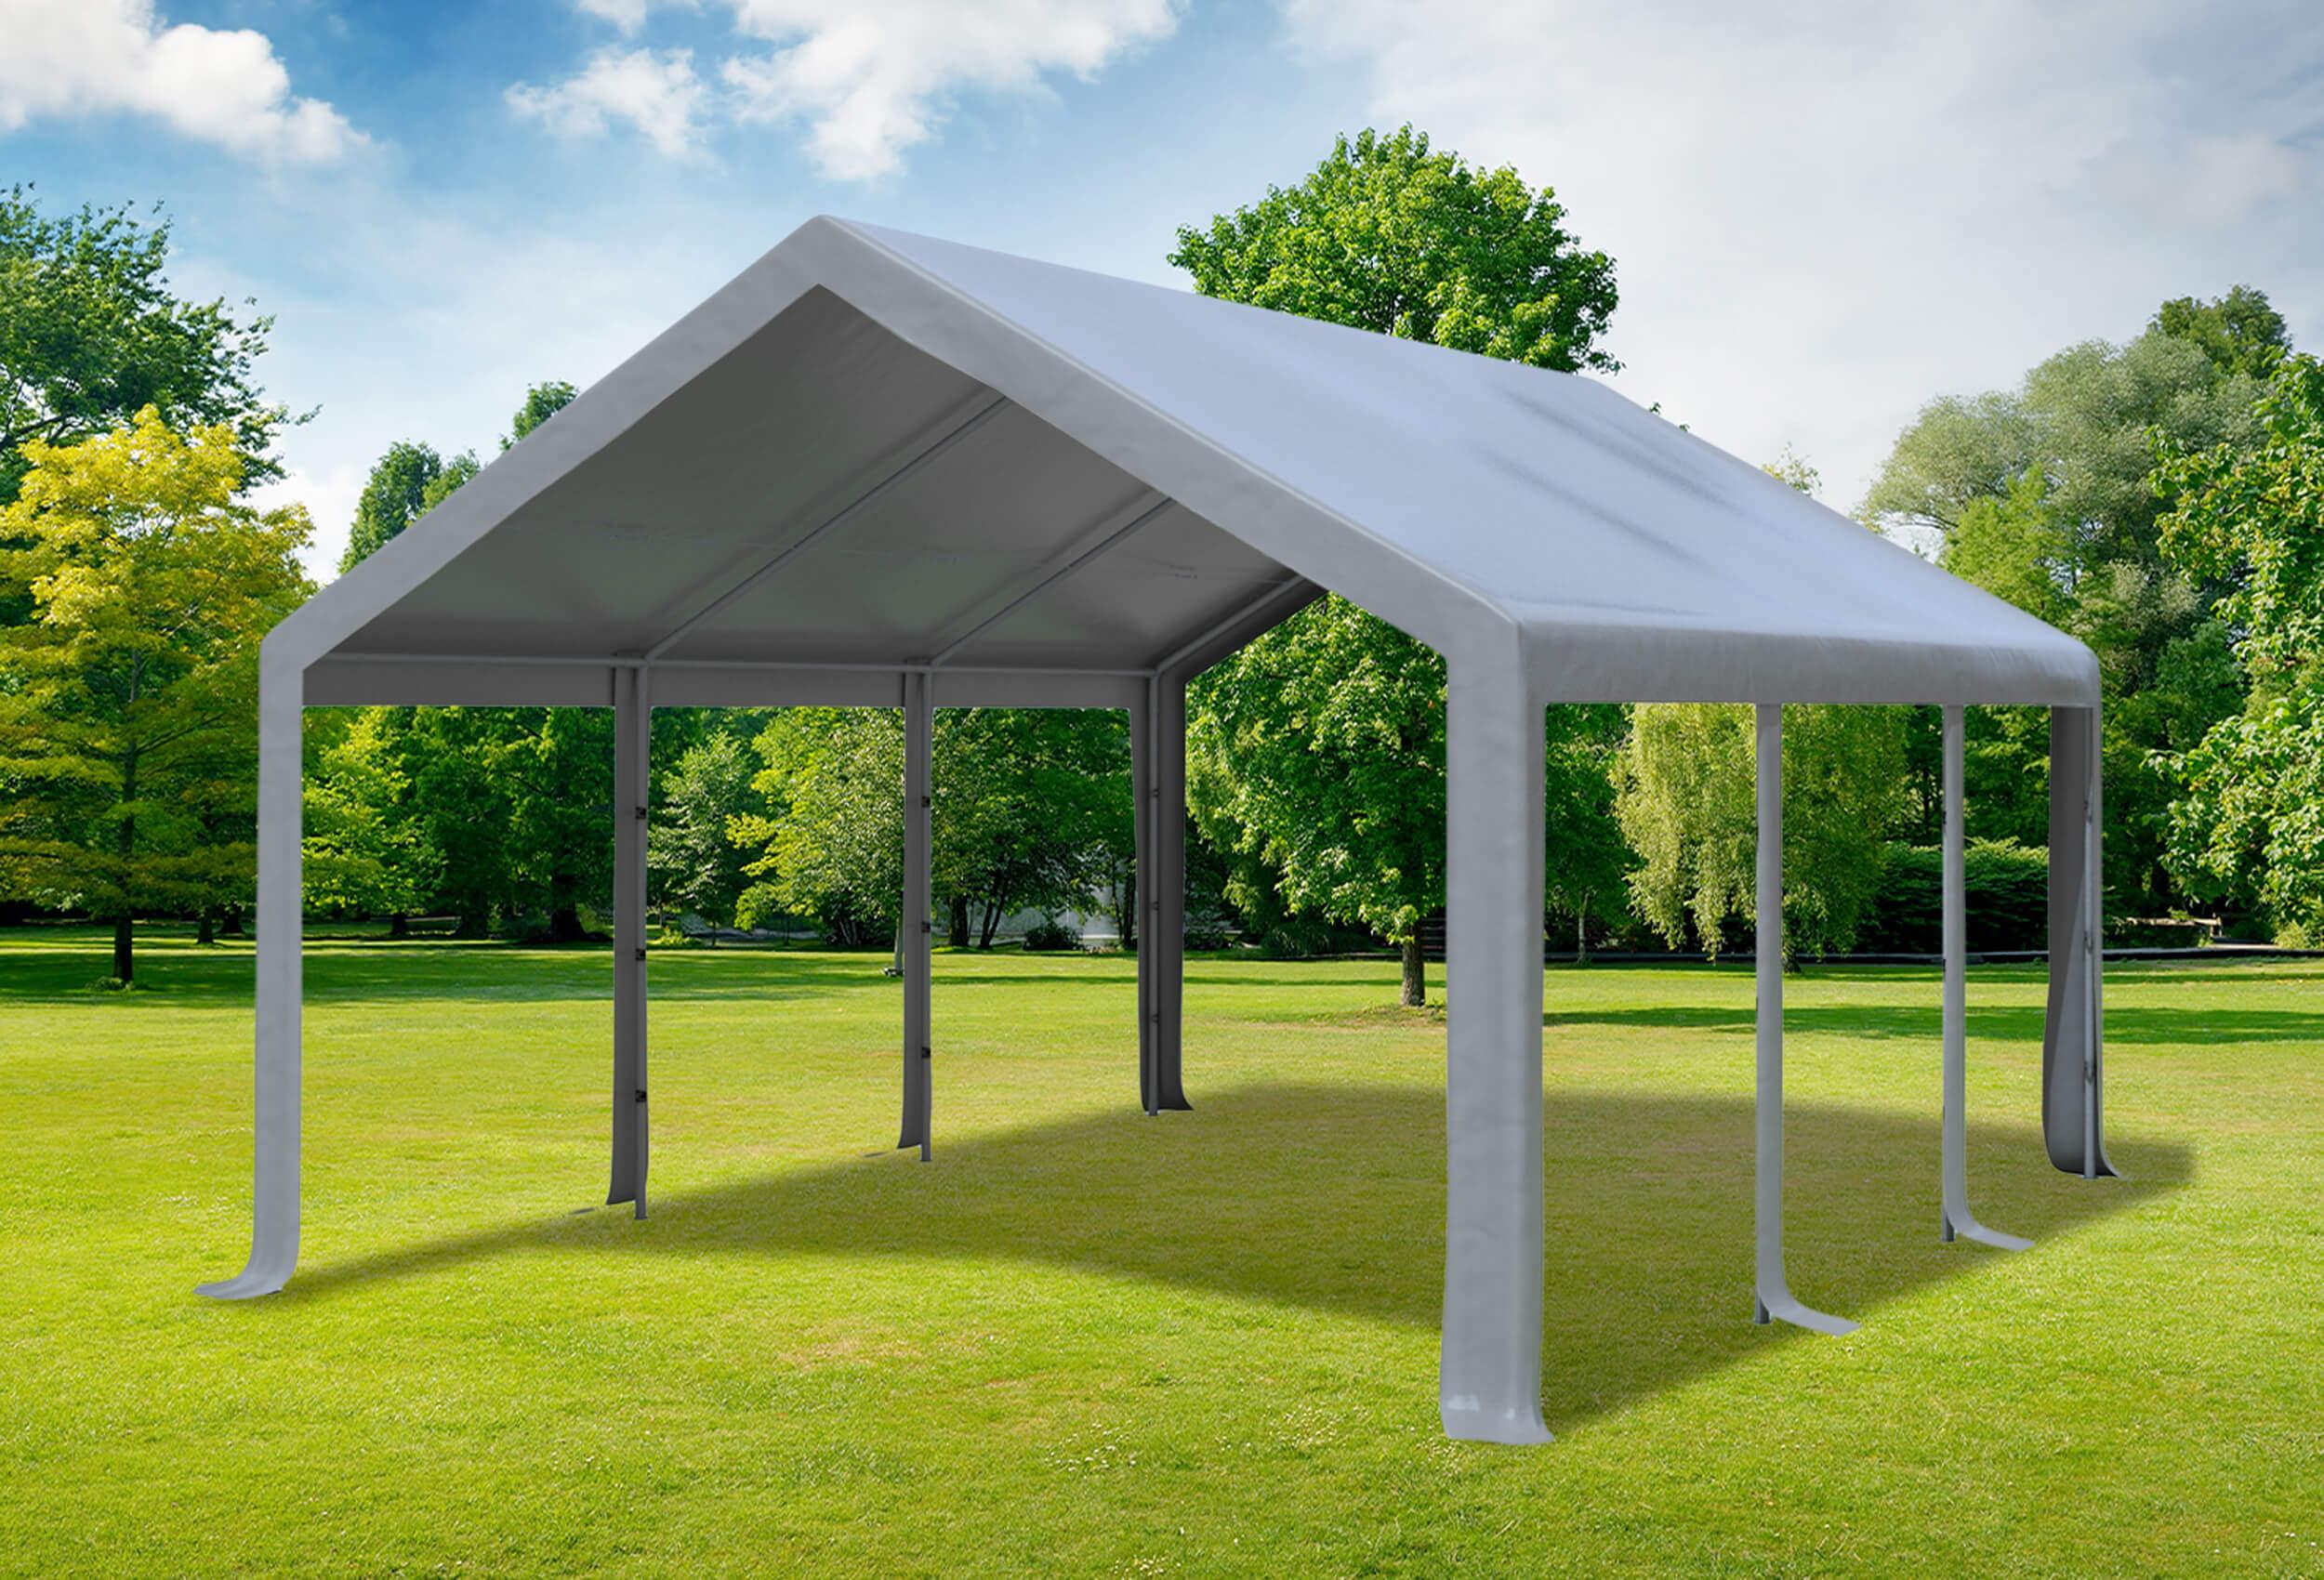 4x6 m partyzelt pvc modular pro pvc grau profi zelt. Black Bedroom Furniture Sets. Home Design Ideas